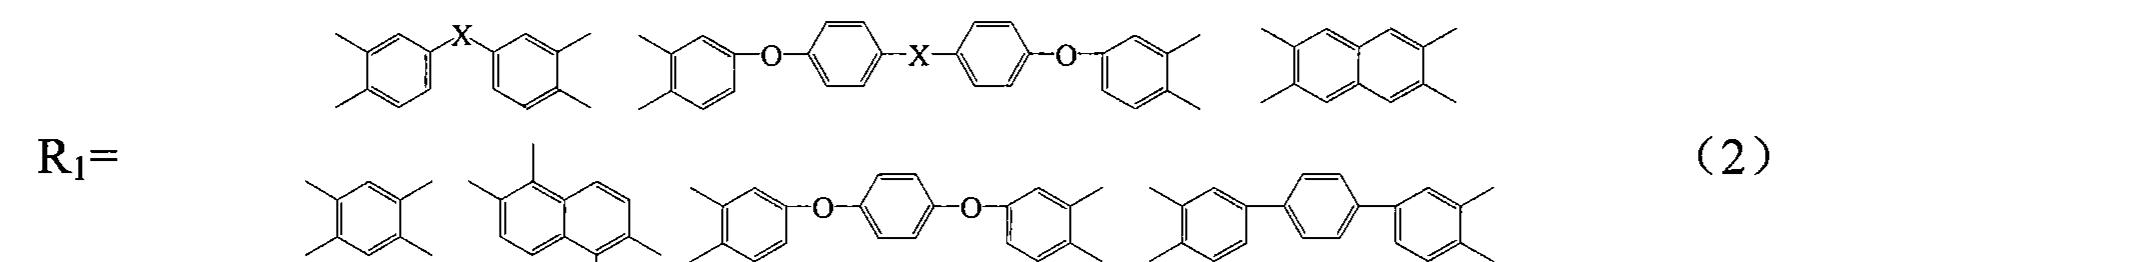 Figure CN101608019BD00051